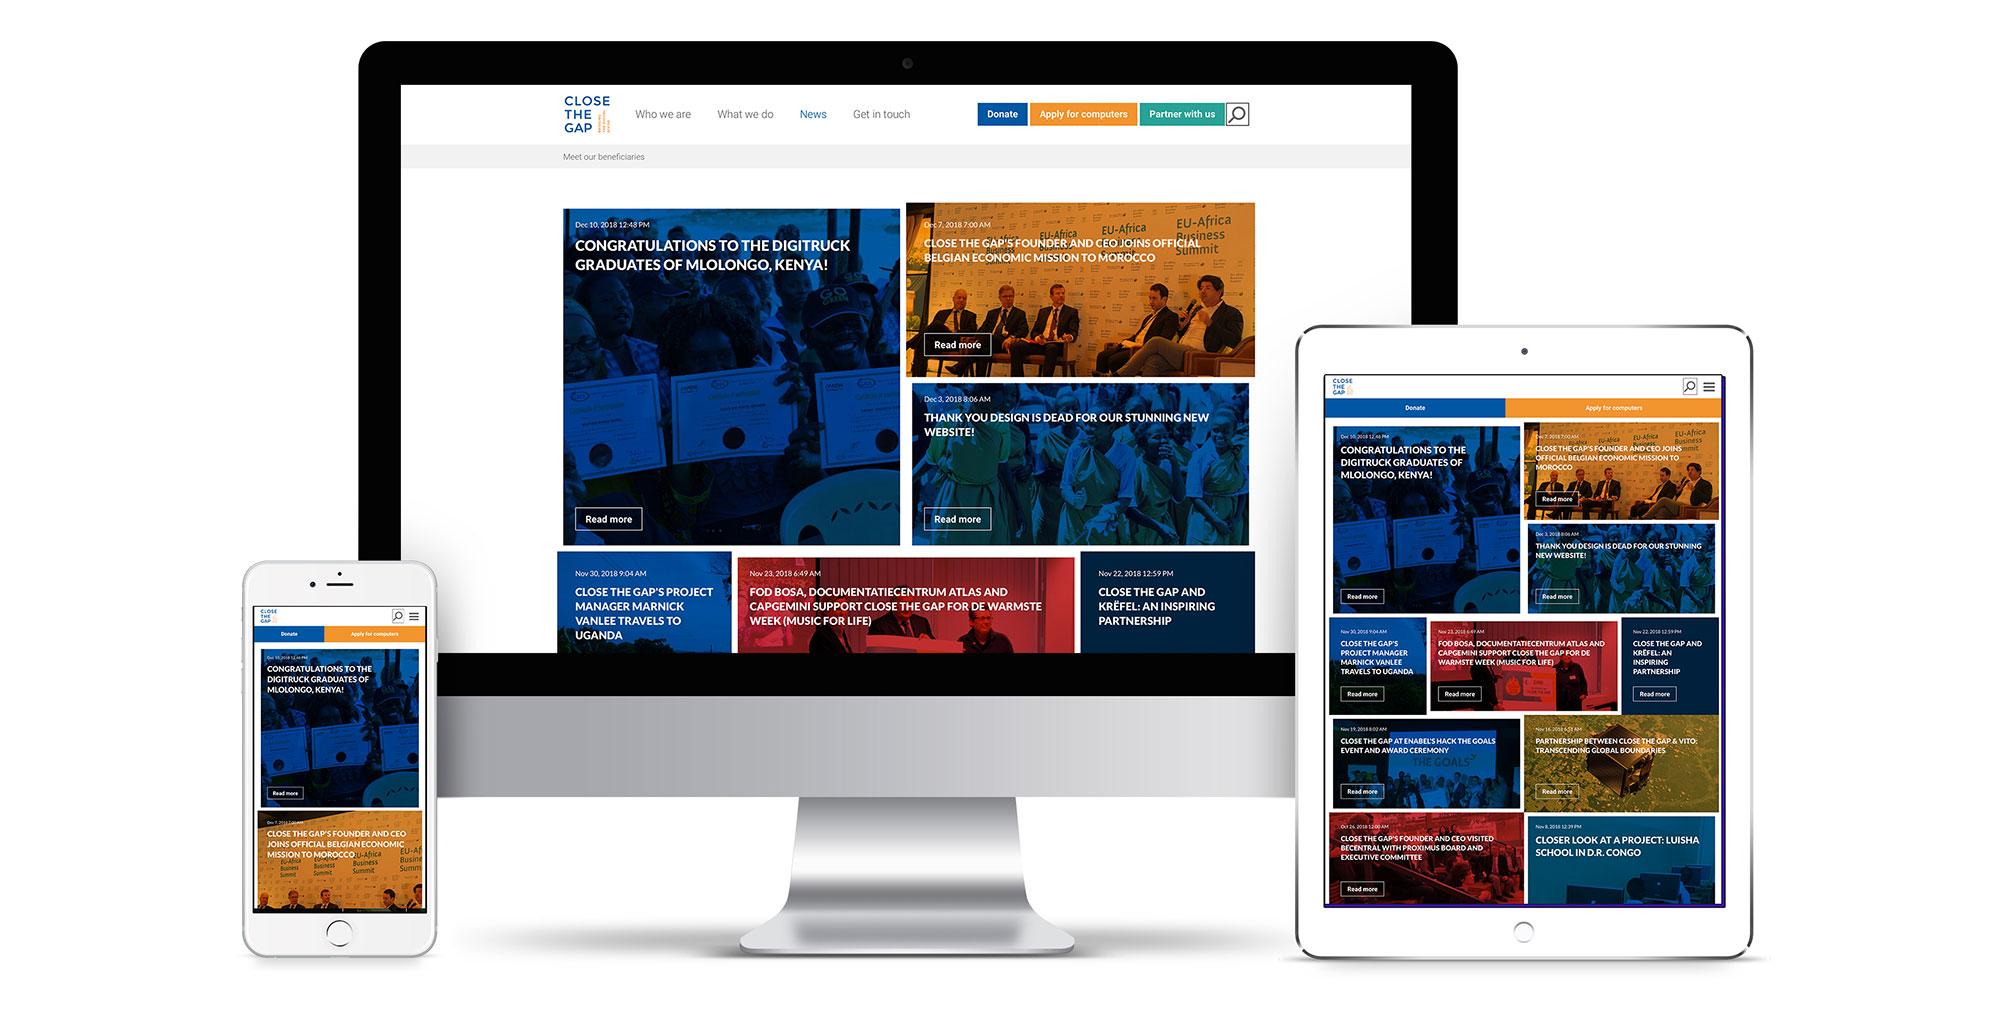 utförsäljning låg kostnad höstskor New Close the Gap website bridges the digital divide with Design ...